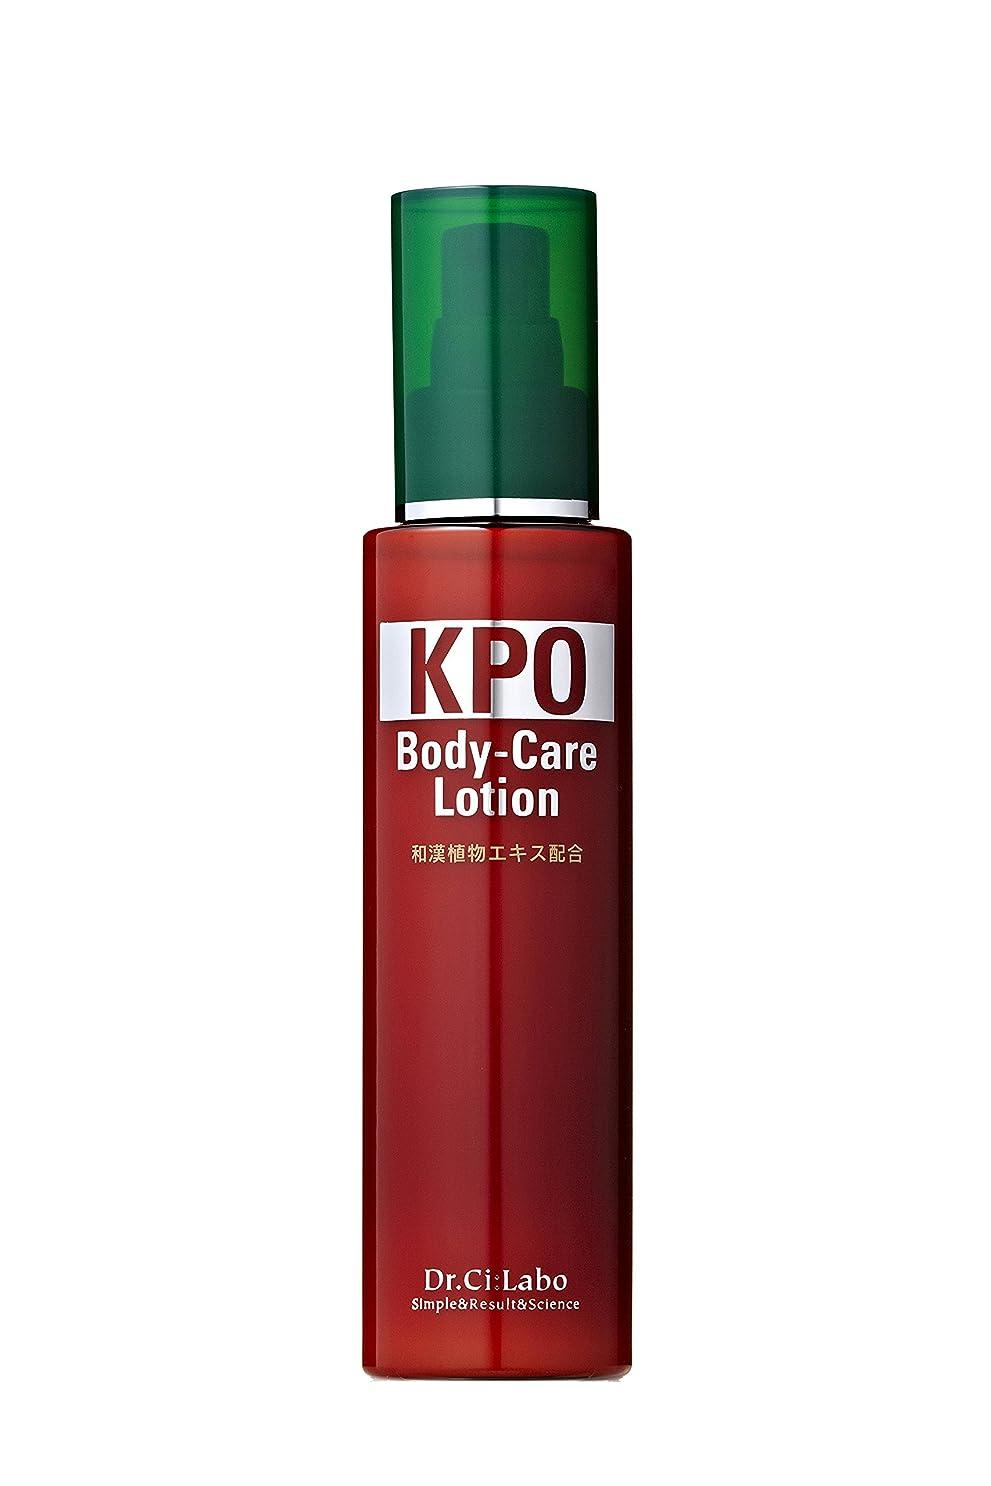 抗議露出度の高い作り上げるドクターシーラボ KPOボディケアローション 乾燥ボディ用 保湿乳液 120ml